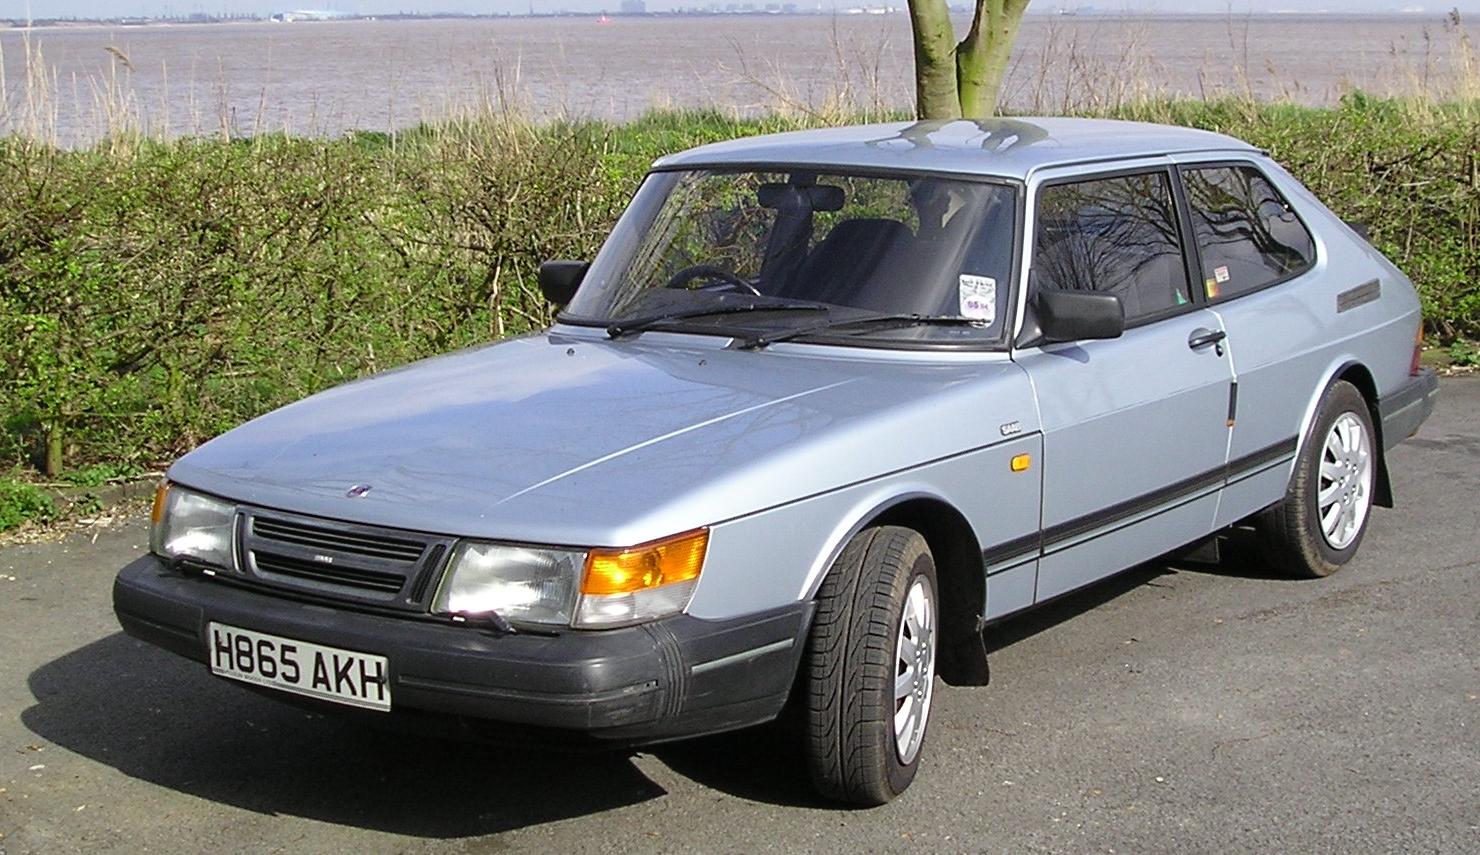 Begagnade bildelar Saab